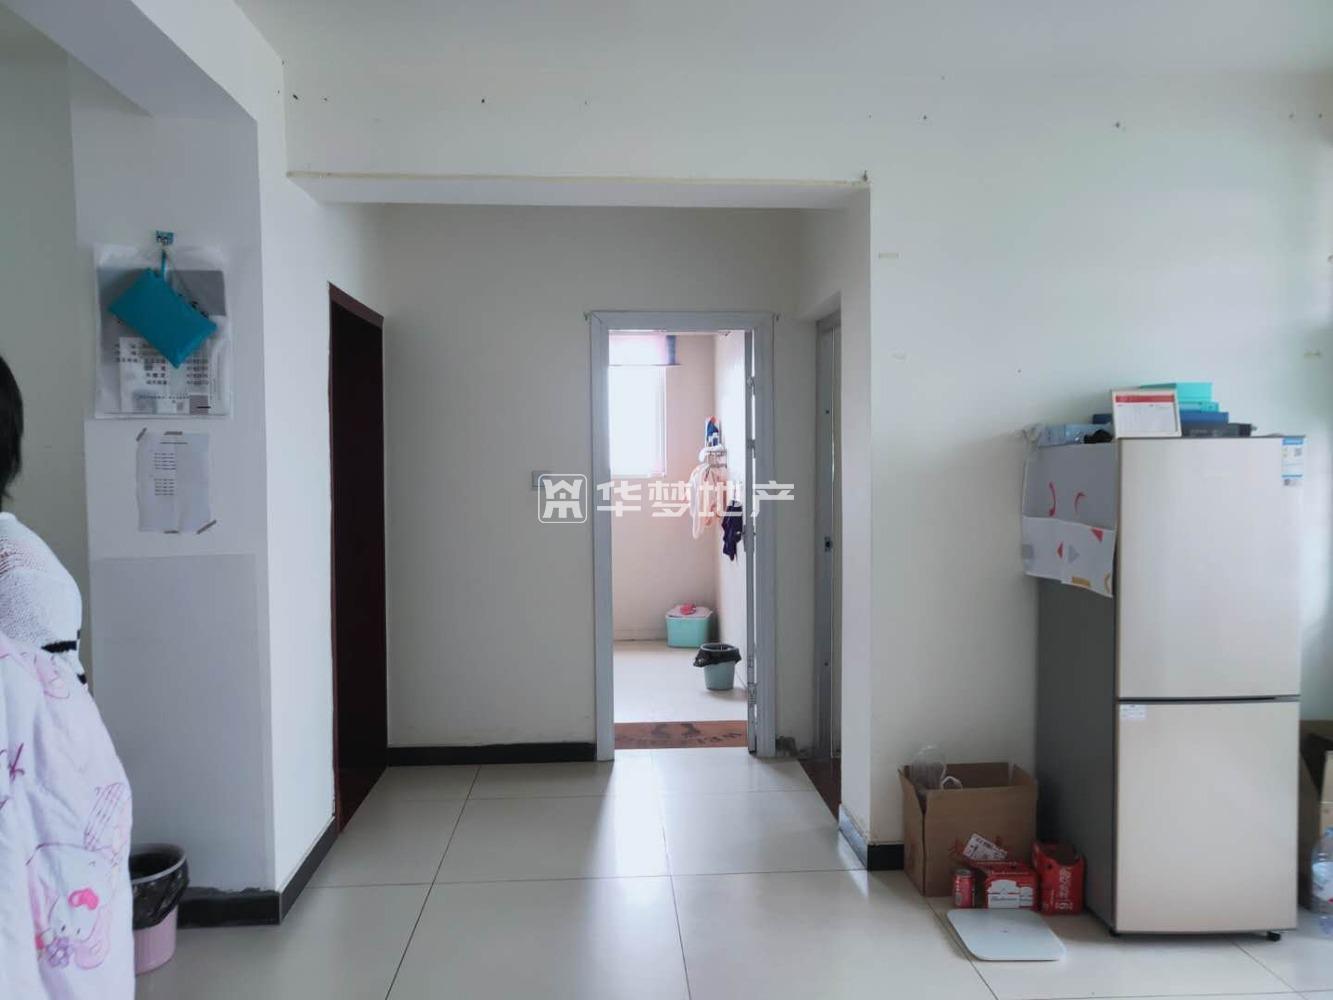 中房锦绣花园 41 号楼 1单元 0802